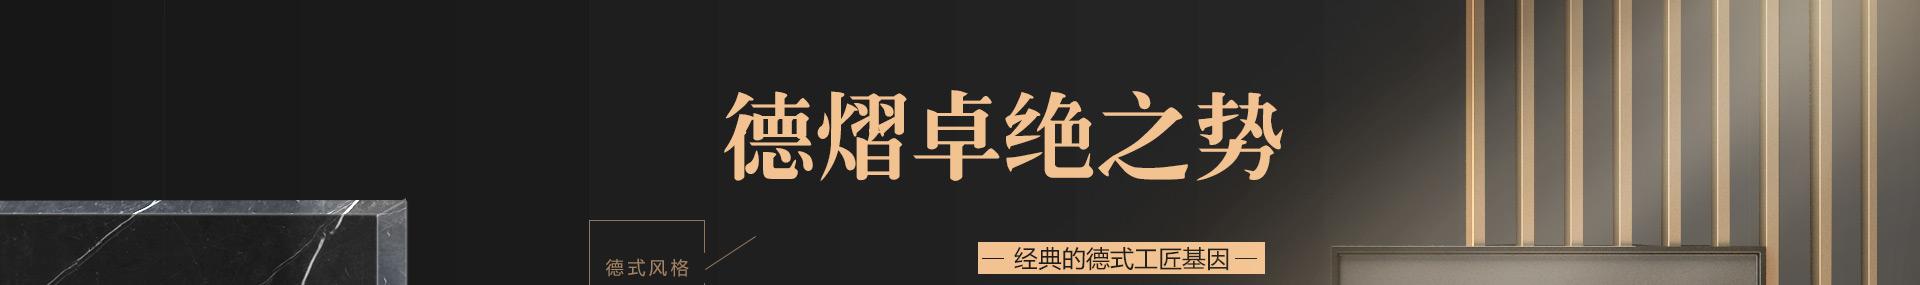 龙8国际pt老虎机客户端德熠